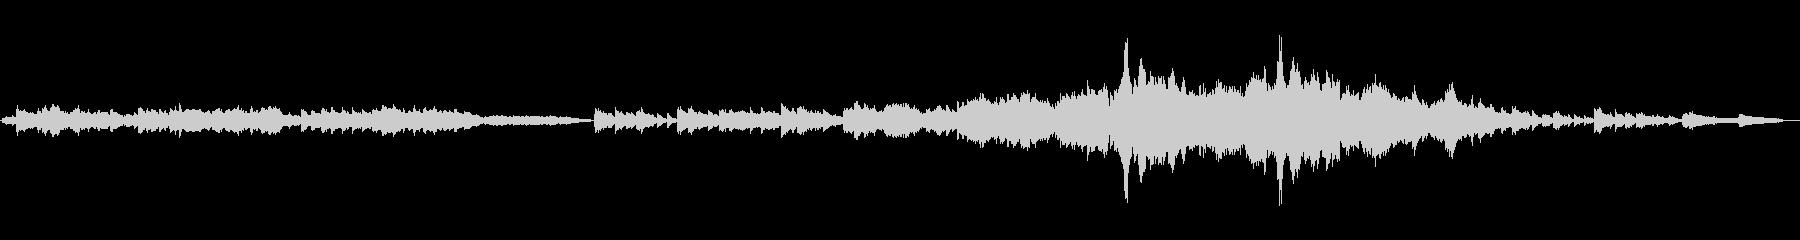 英語女性ボーカル・ディズニーバラード風の未再生の波形